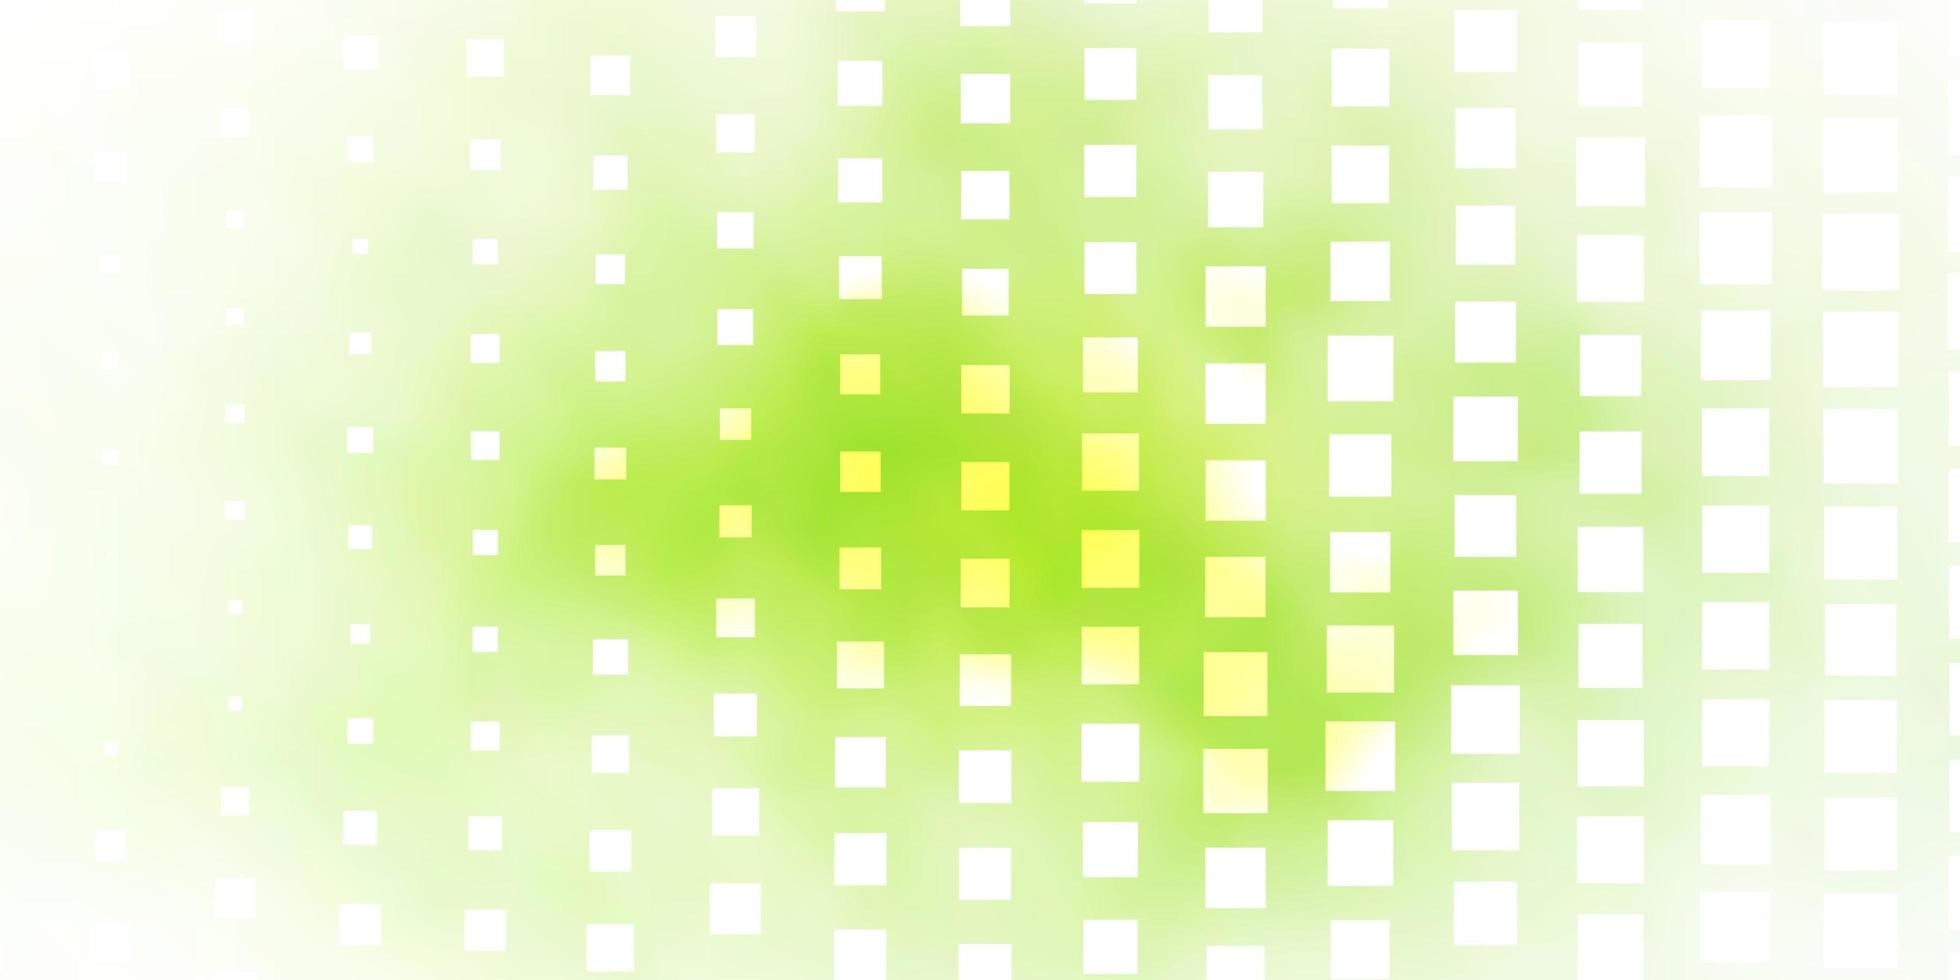 modello verde chiaro con rettangoli. vettore